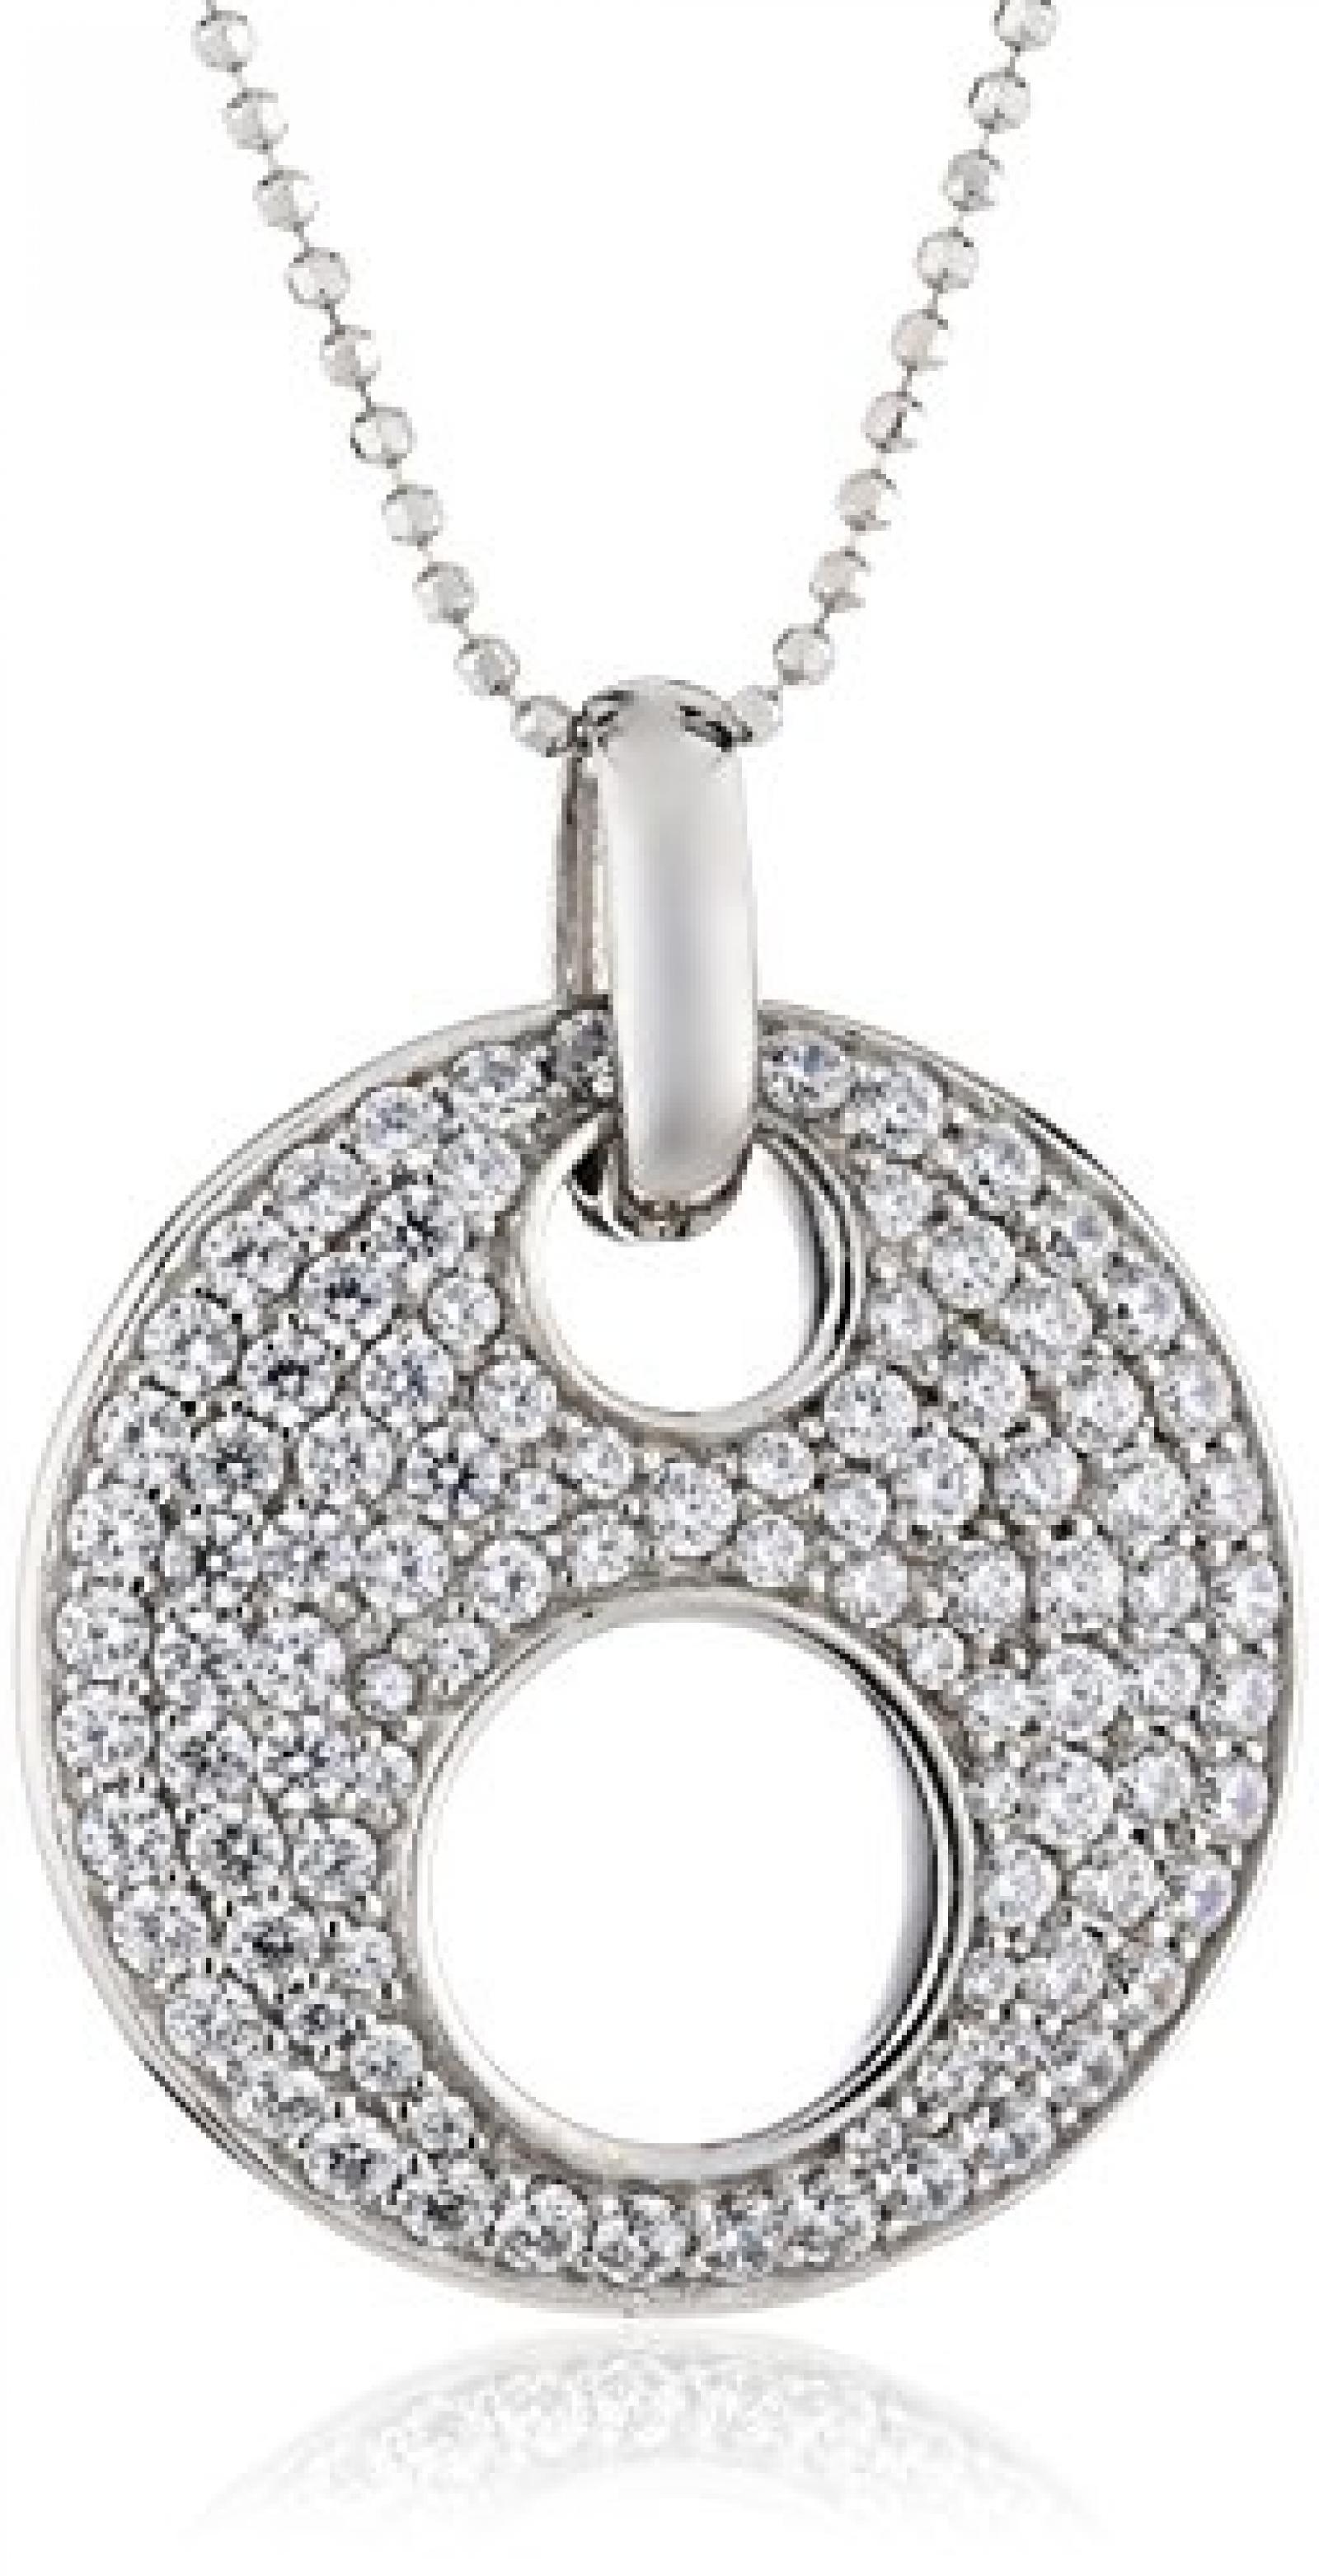 Celest Damen-Anhänger mit Kette 925 Sterling Silber 60cm Zirkonia weiß 500244283-60L